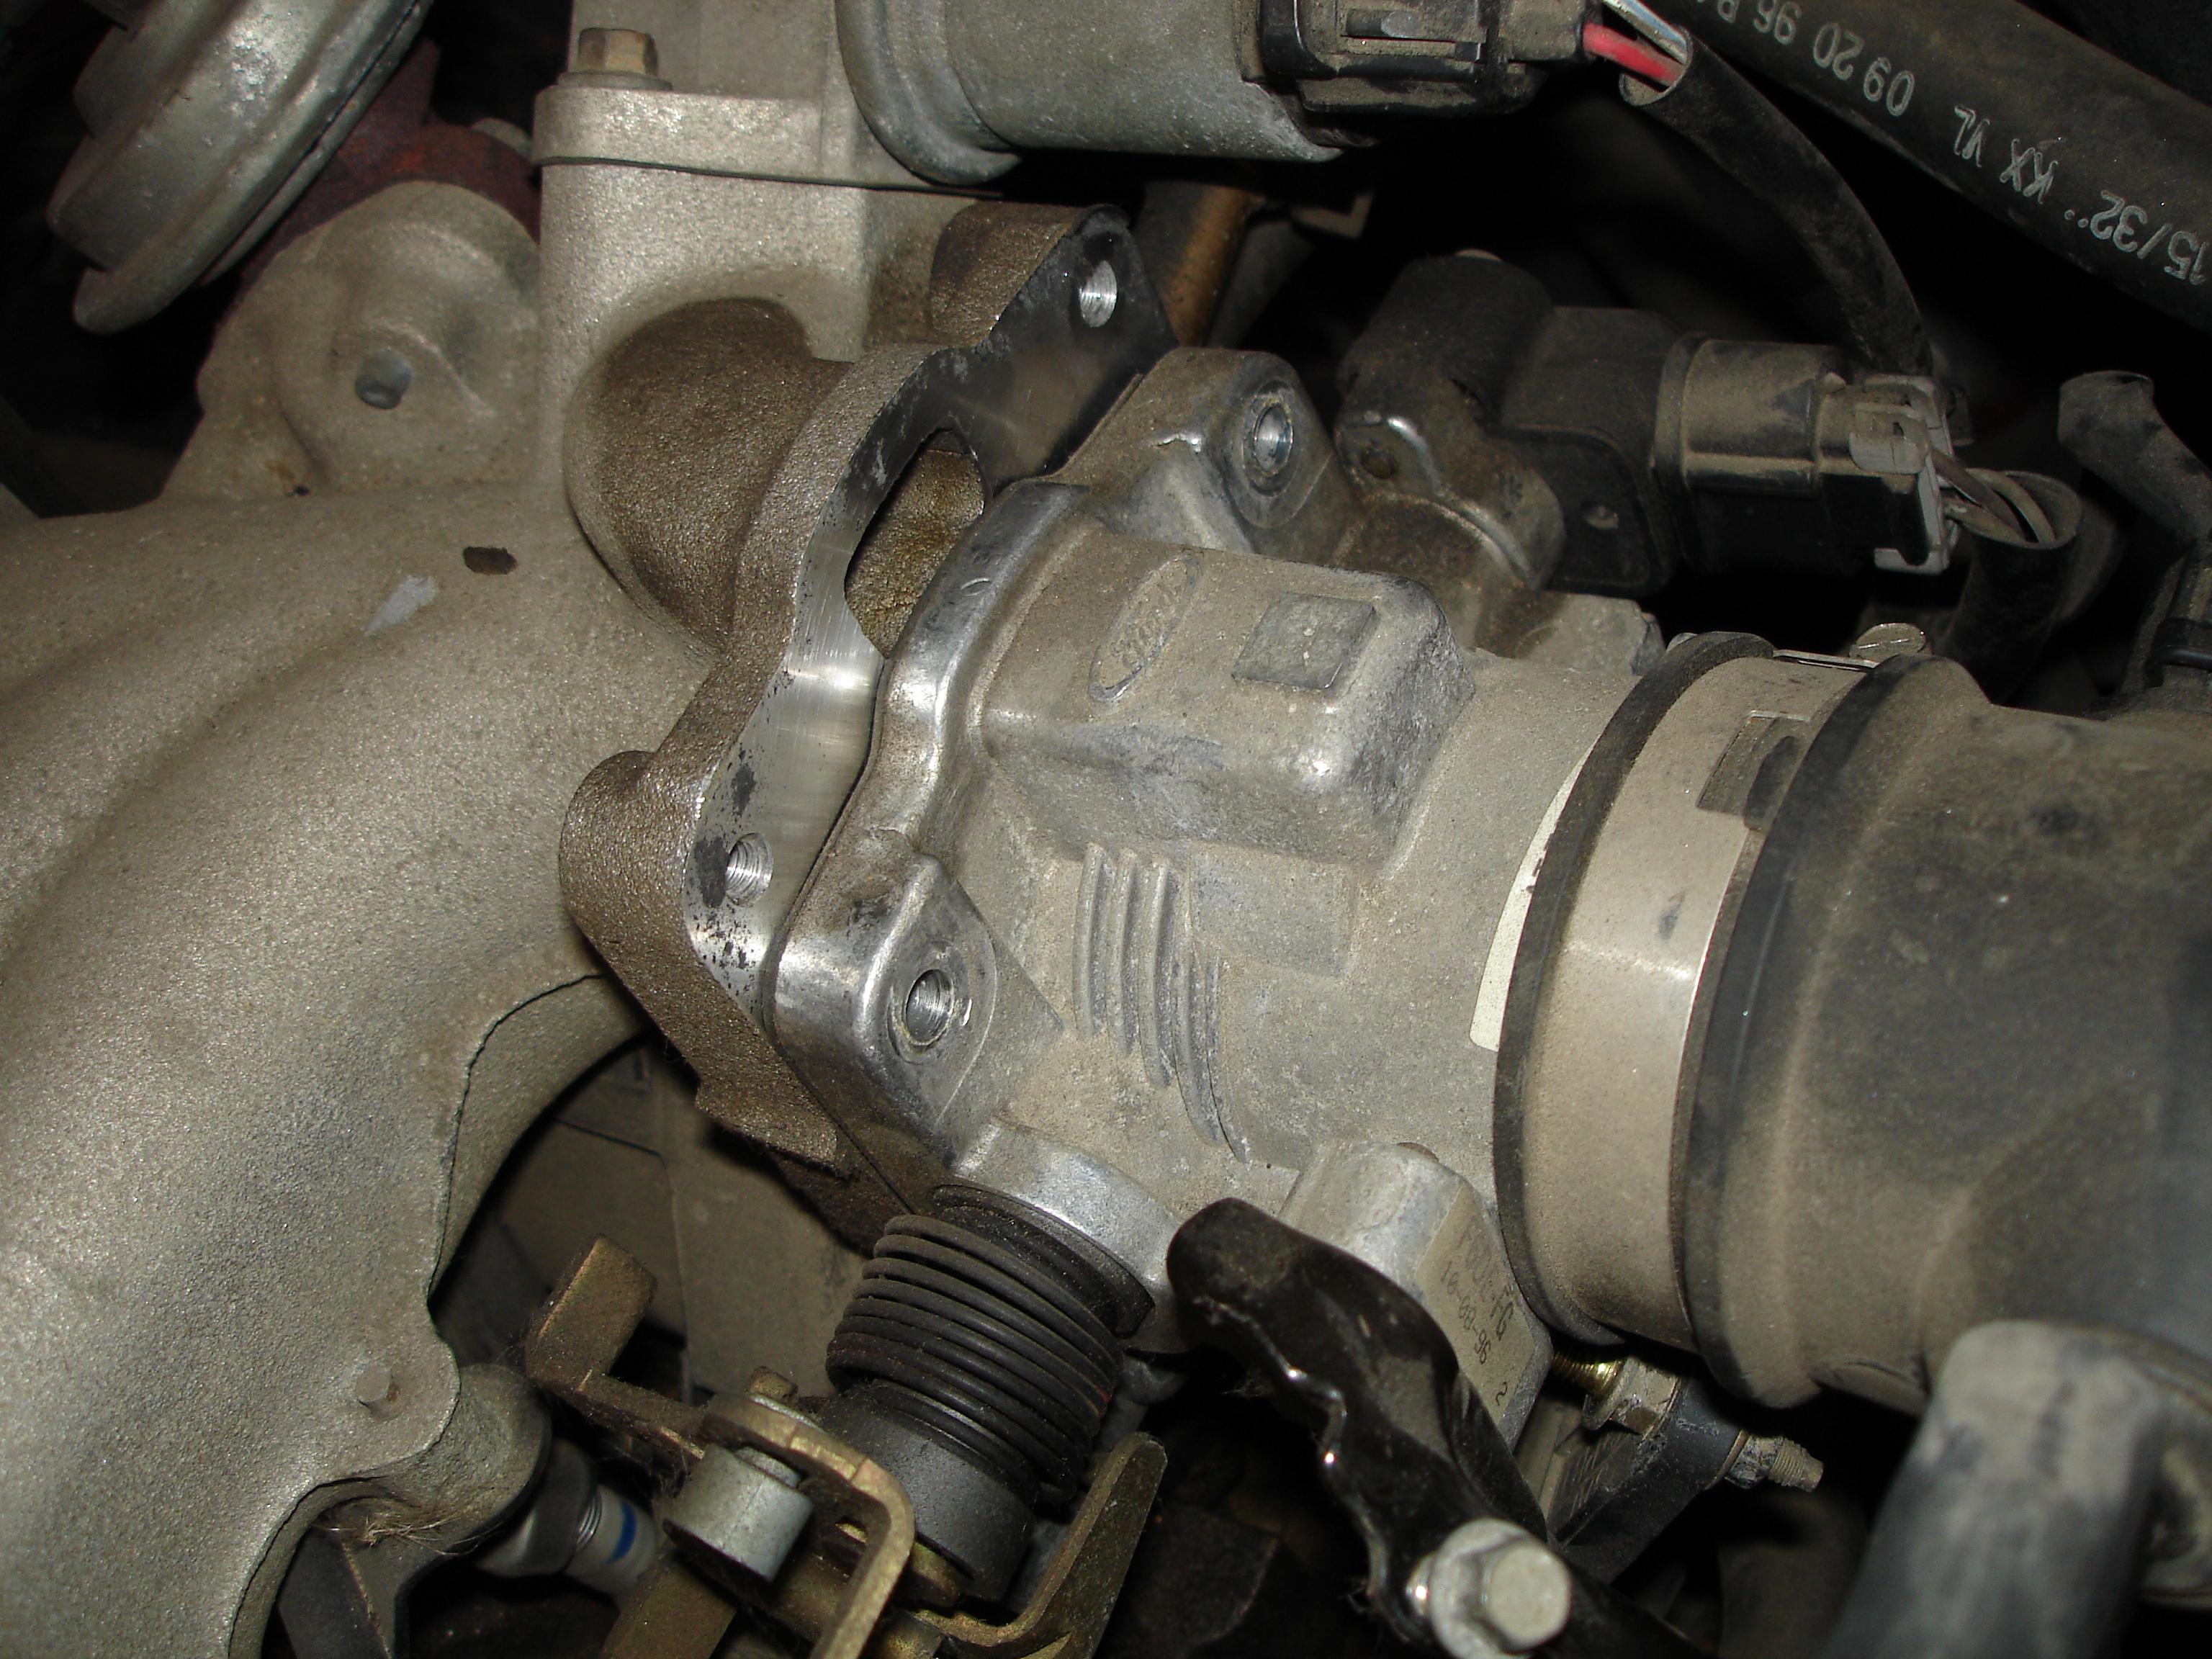 2002 ford windstar serpentine belt diagram opel astra g radio wiring 2000 focus free engine